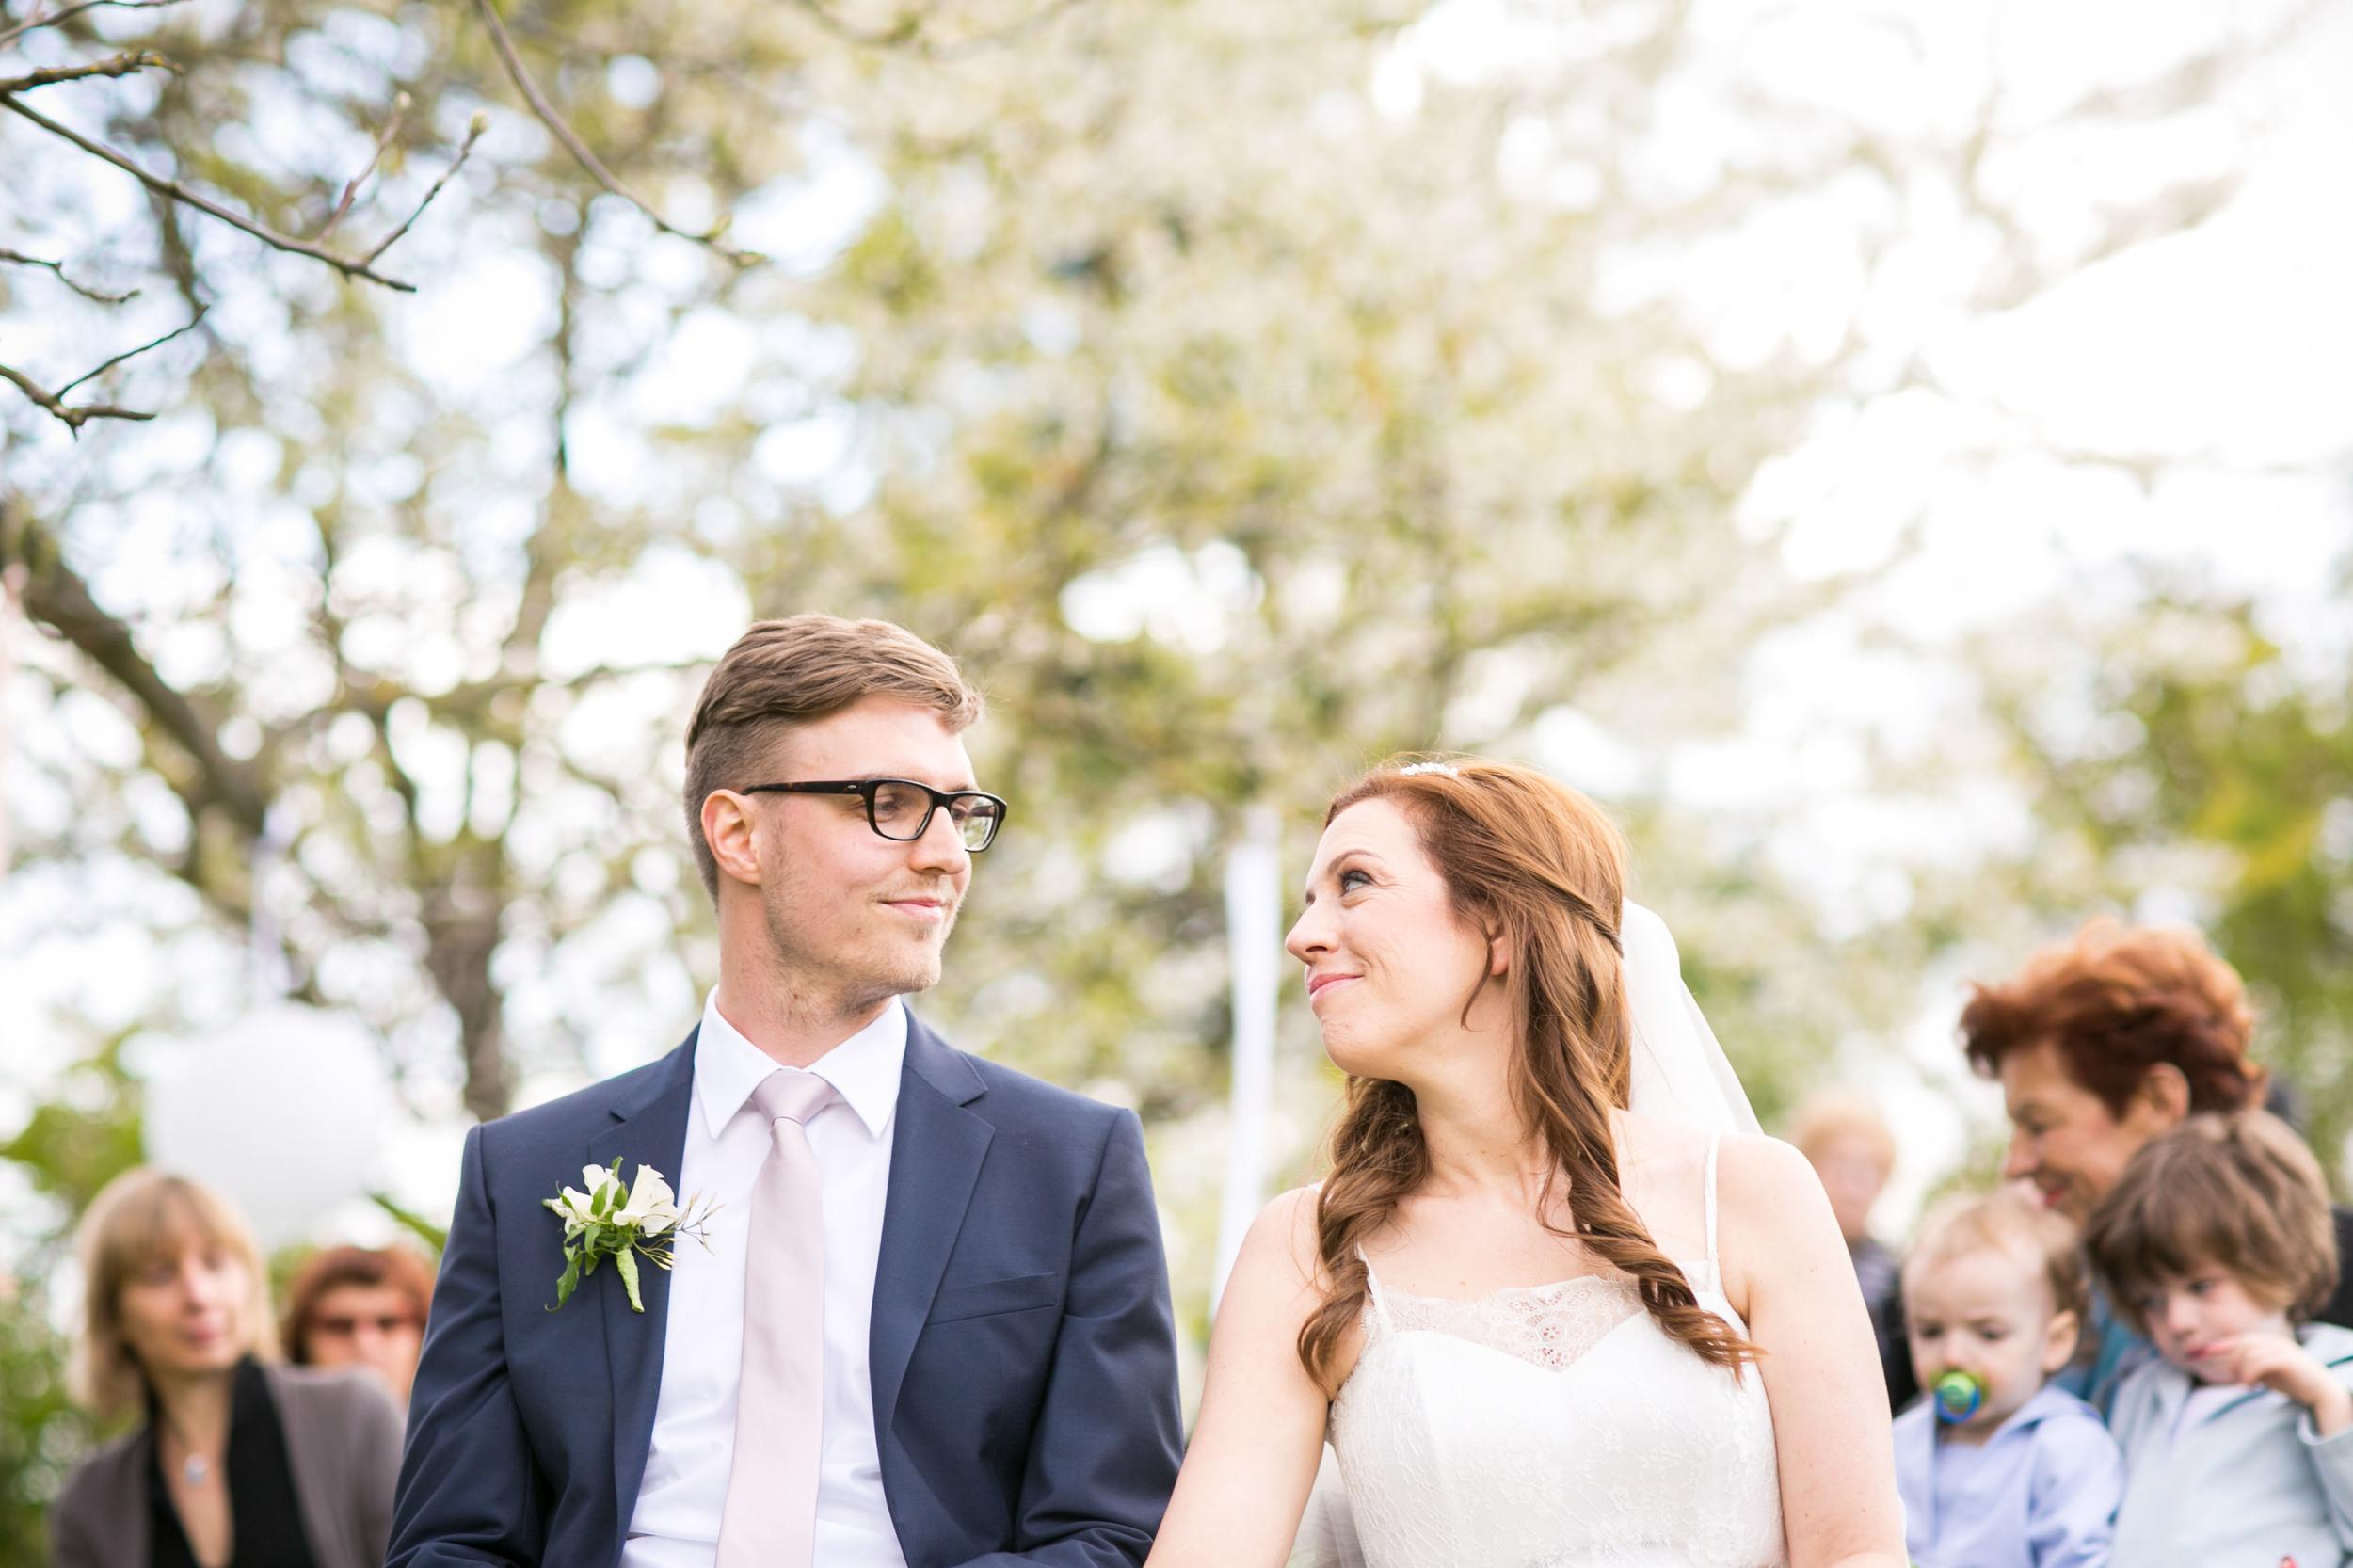 Berlin Hochzeitsfotografin Gartenglueck Wegendorf Hochzeitsreportage-52.jpg